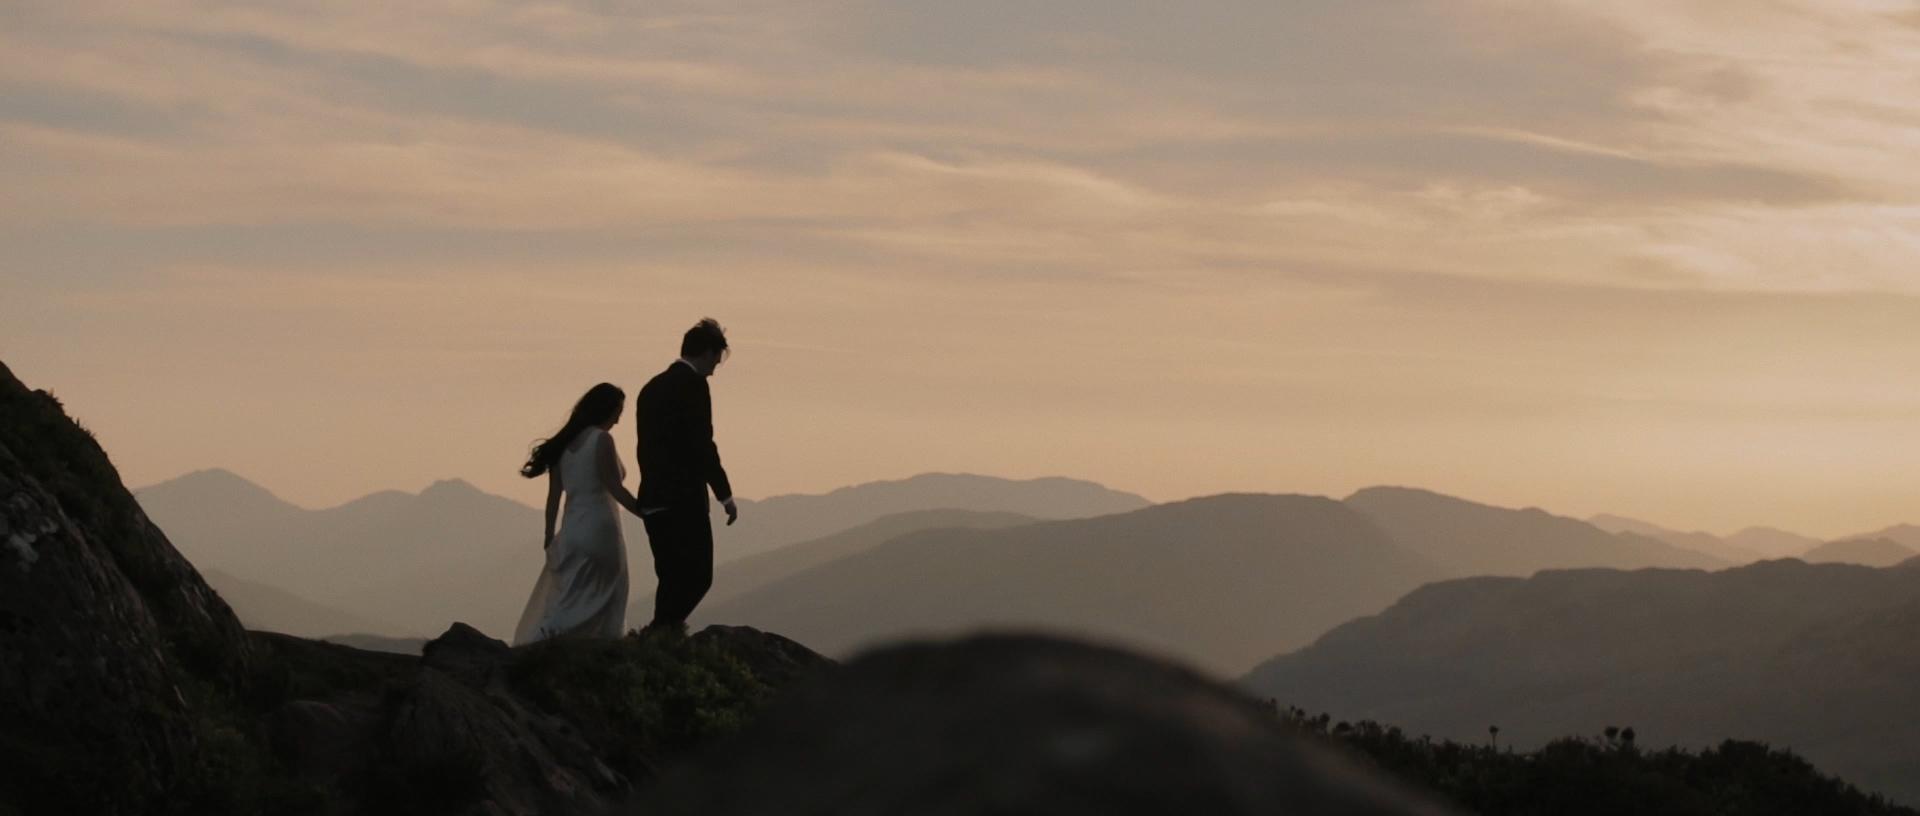 broxmouth-park-wedding-videographer_LL_01.jpg